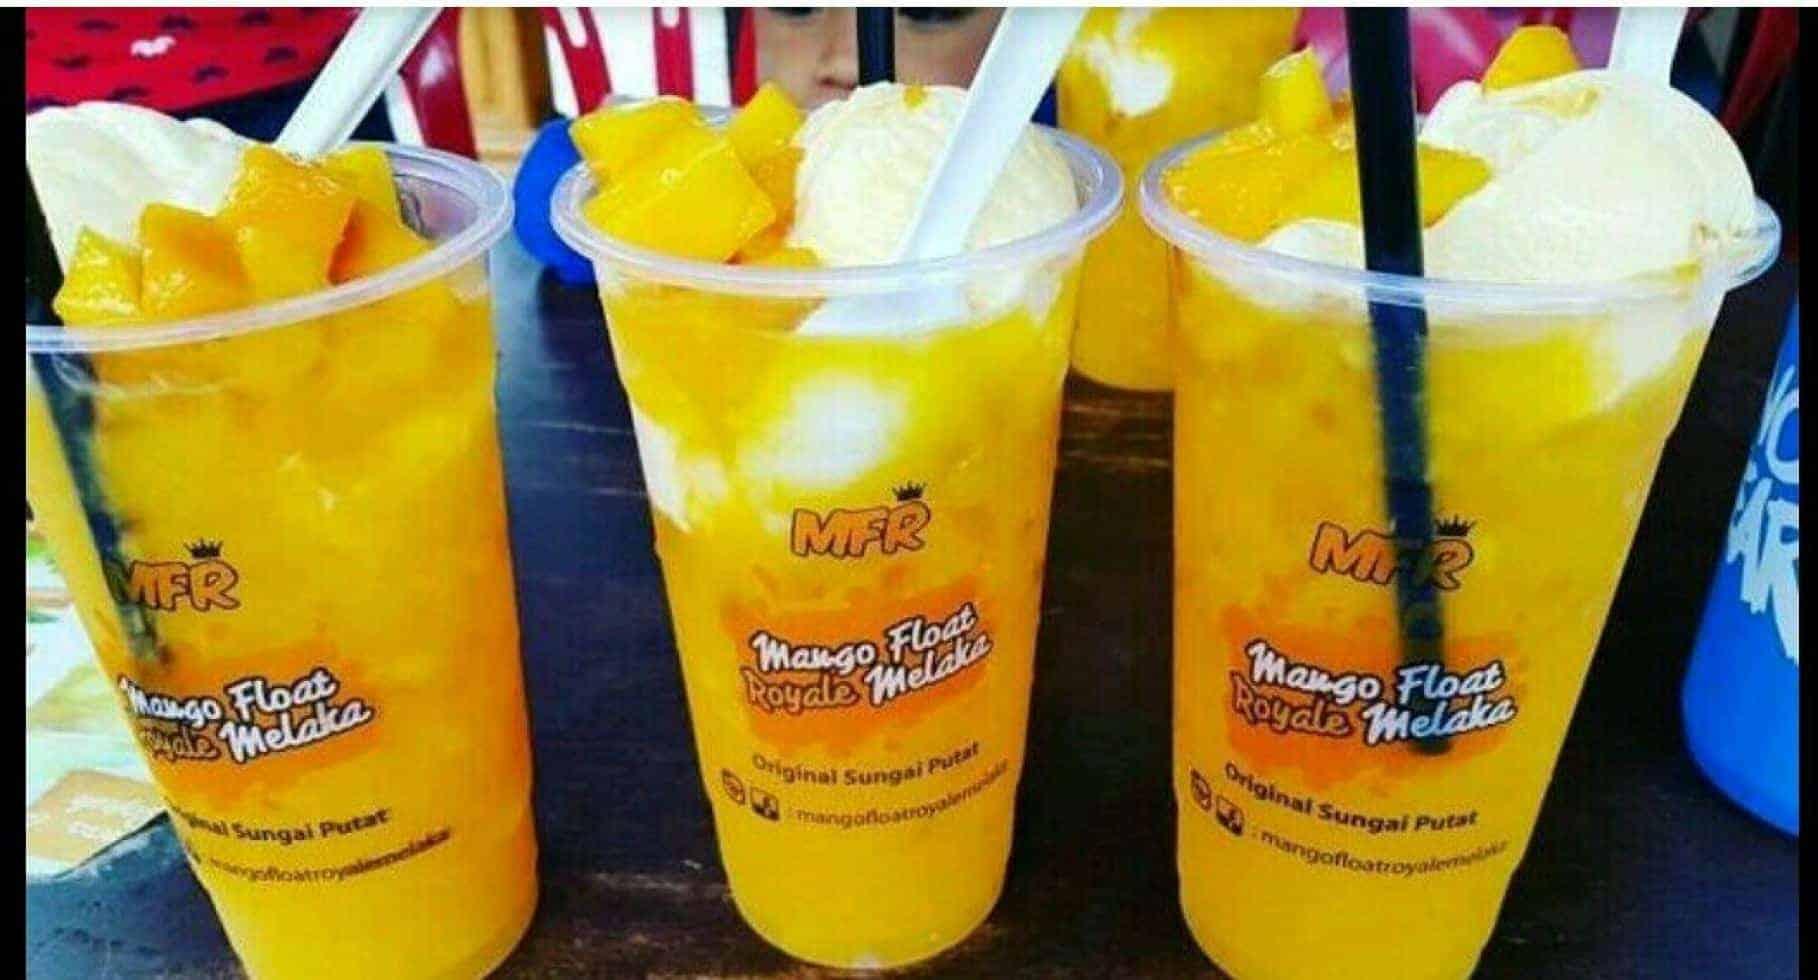 Mango Float Royale